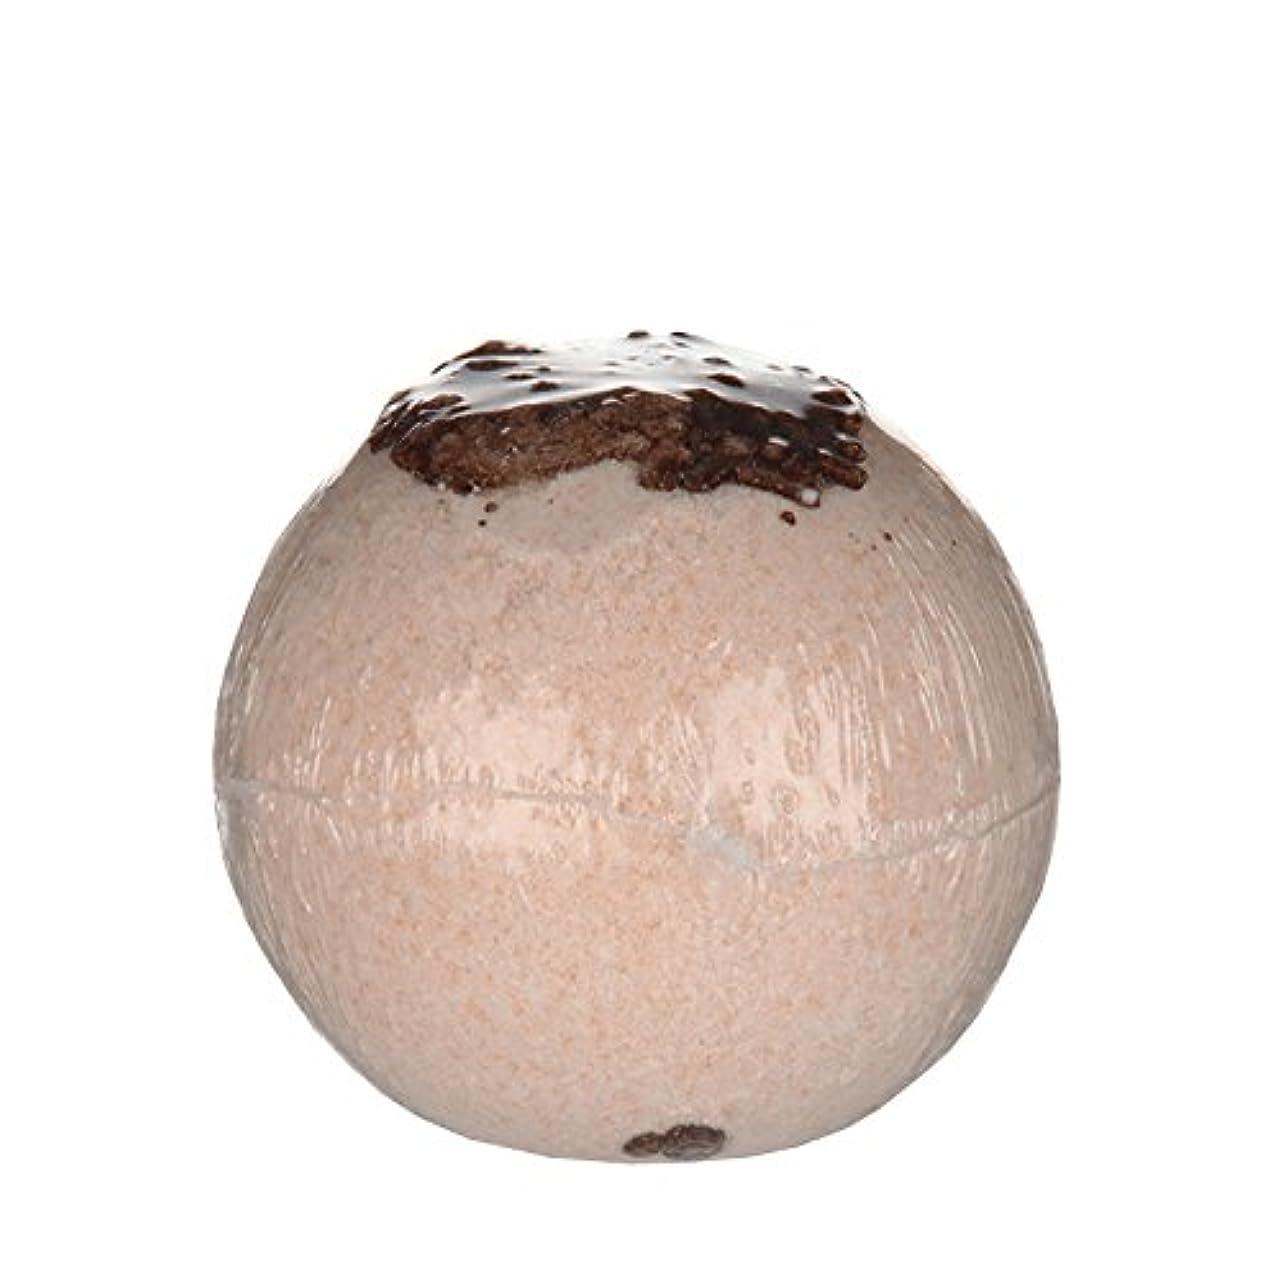 修理工暴露滅多Treetsバスボールココナッツチョコレート170グラム - Treets Bath Ball Coconut Chocolate 170g (Treets) [並行輸入品]